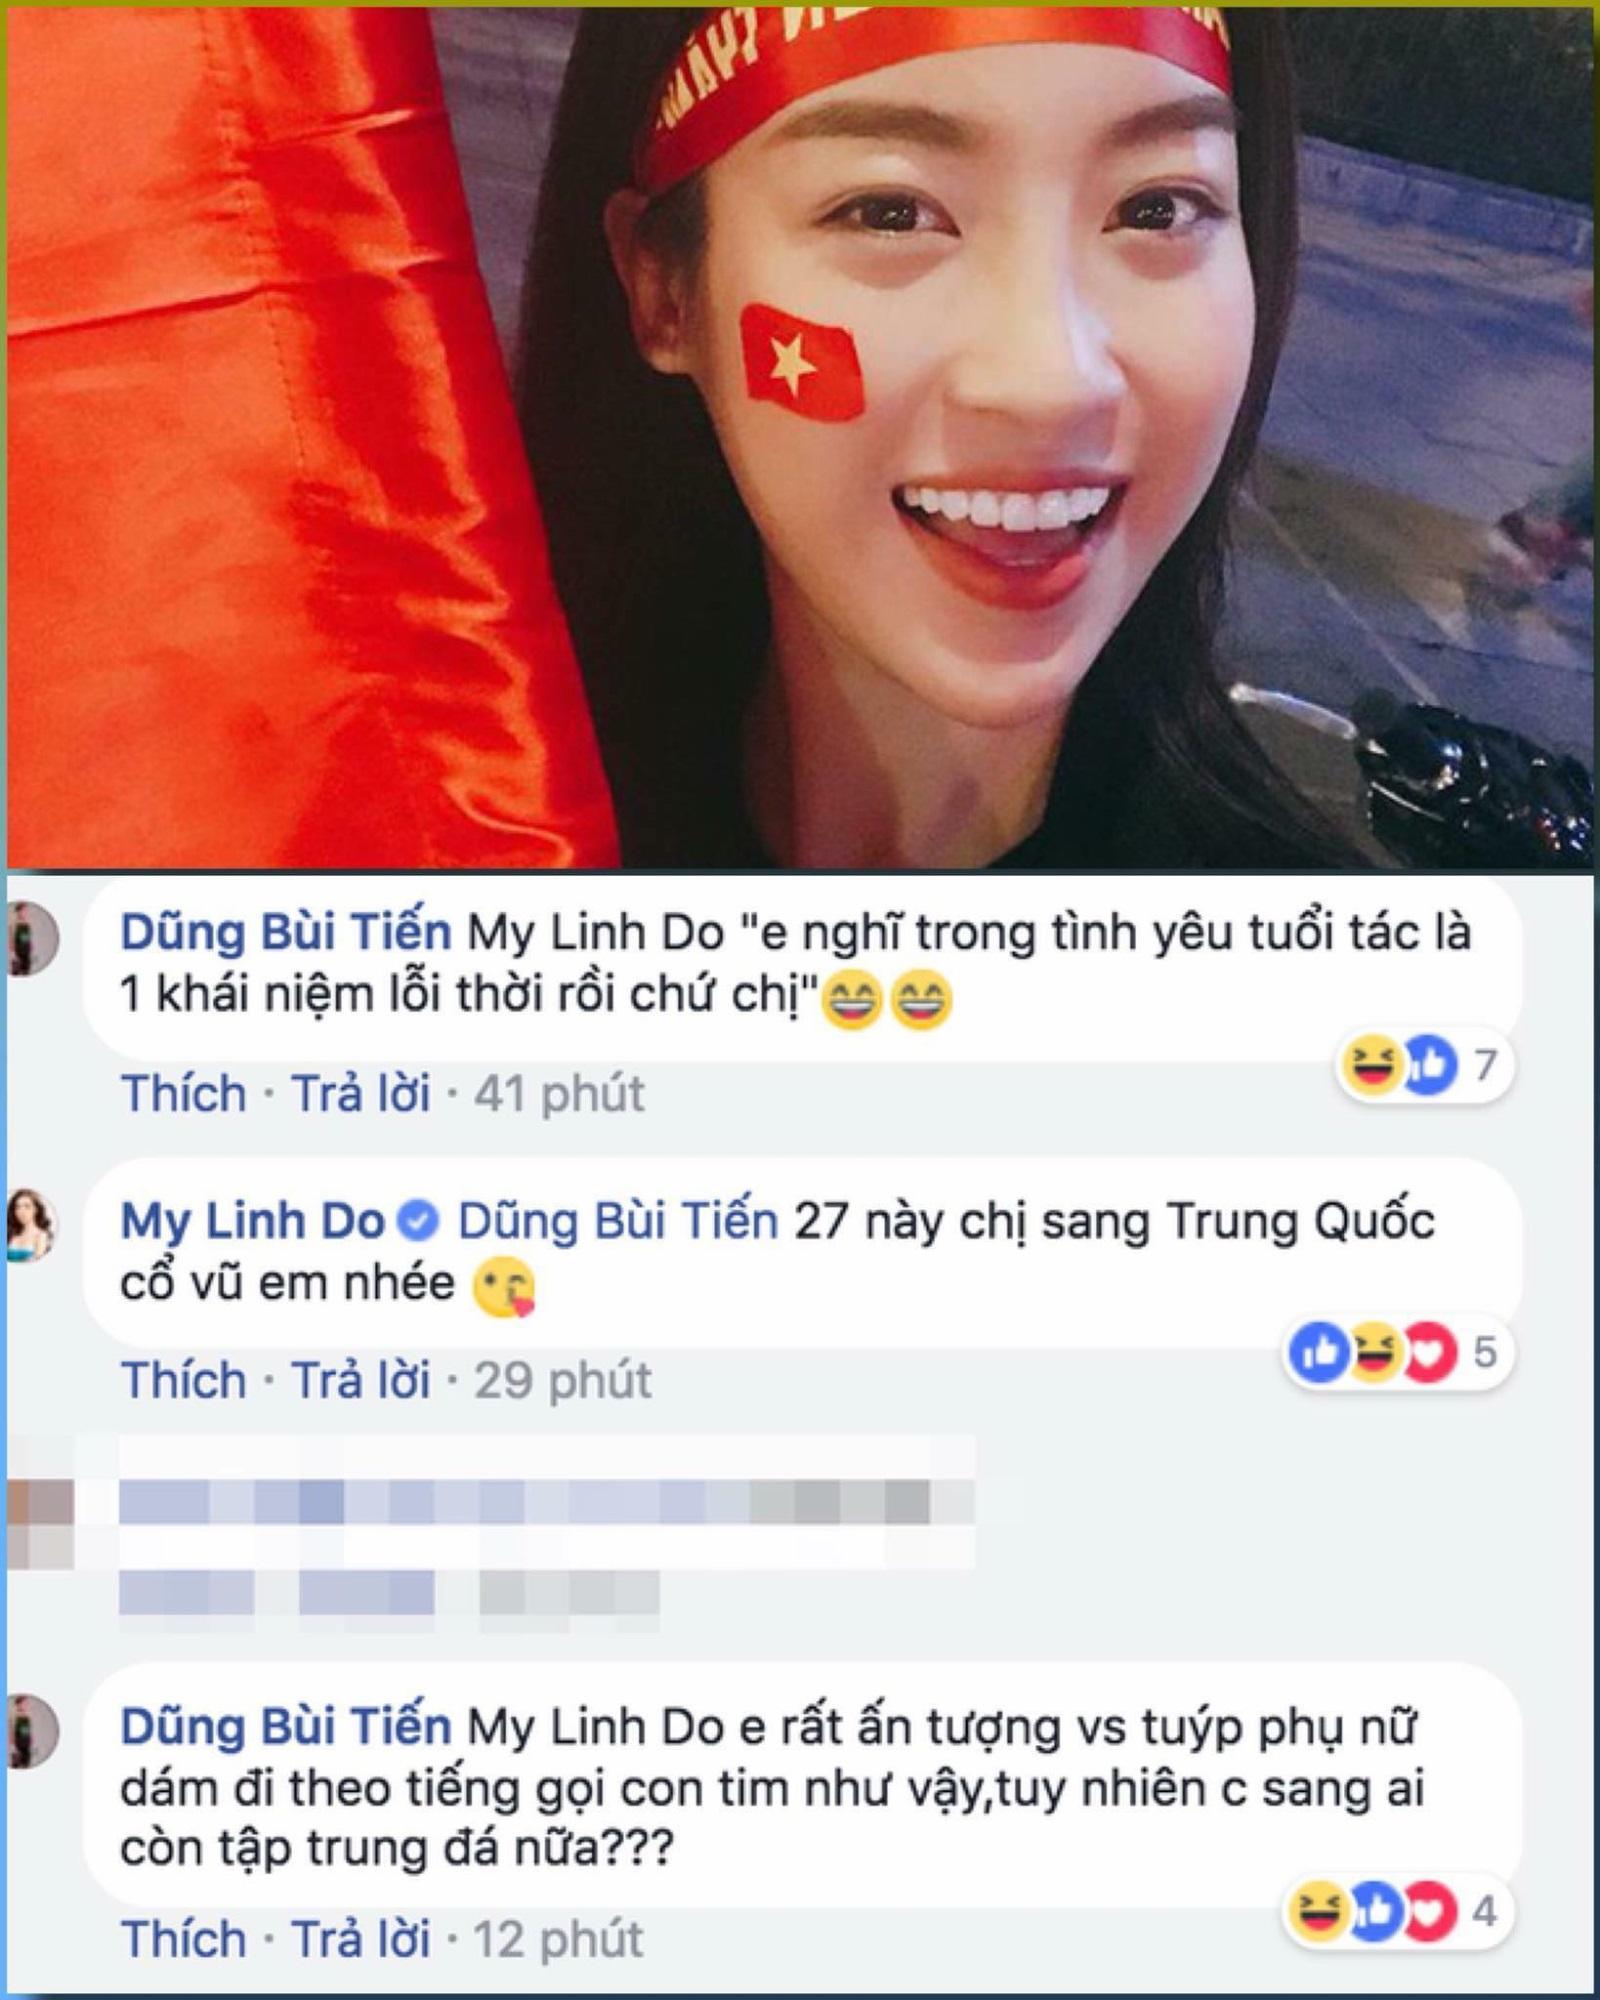 Không ồn ào, Hoa hậu Phạm Hương lặng lẽ làm điều này với Bùi Tiến Dũng - Ảnh 2